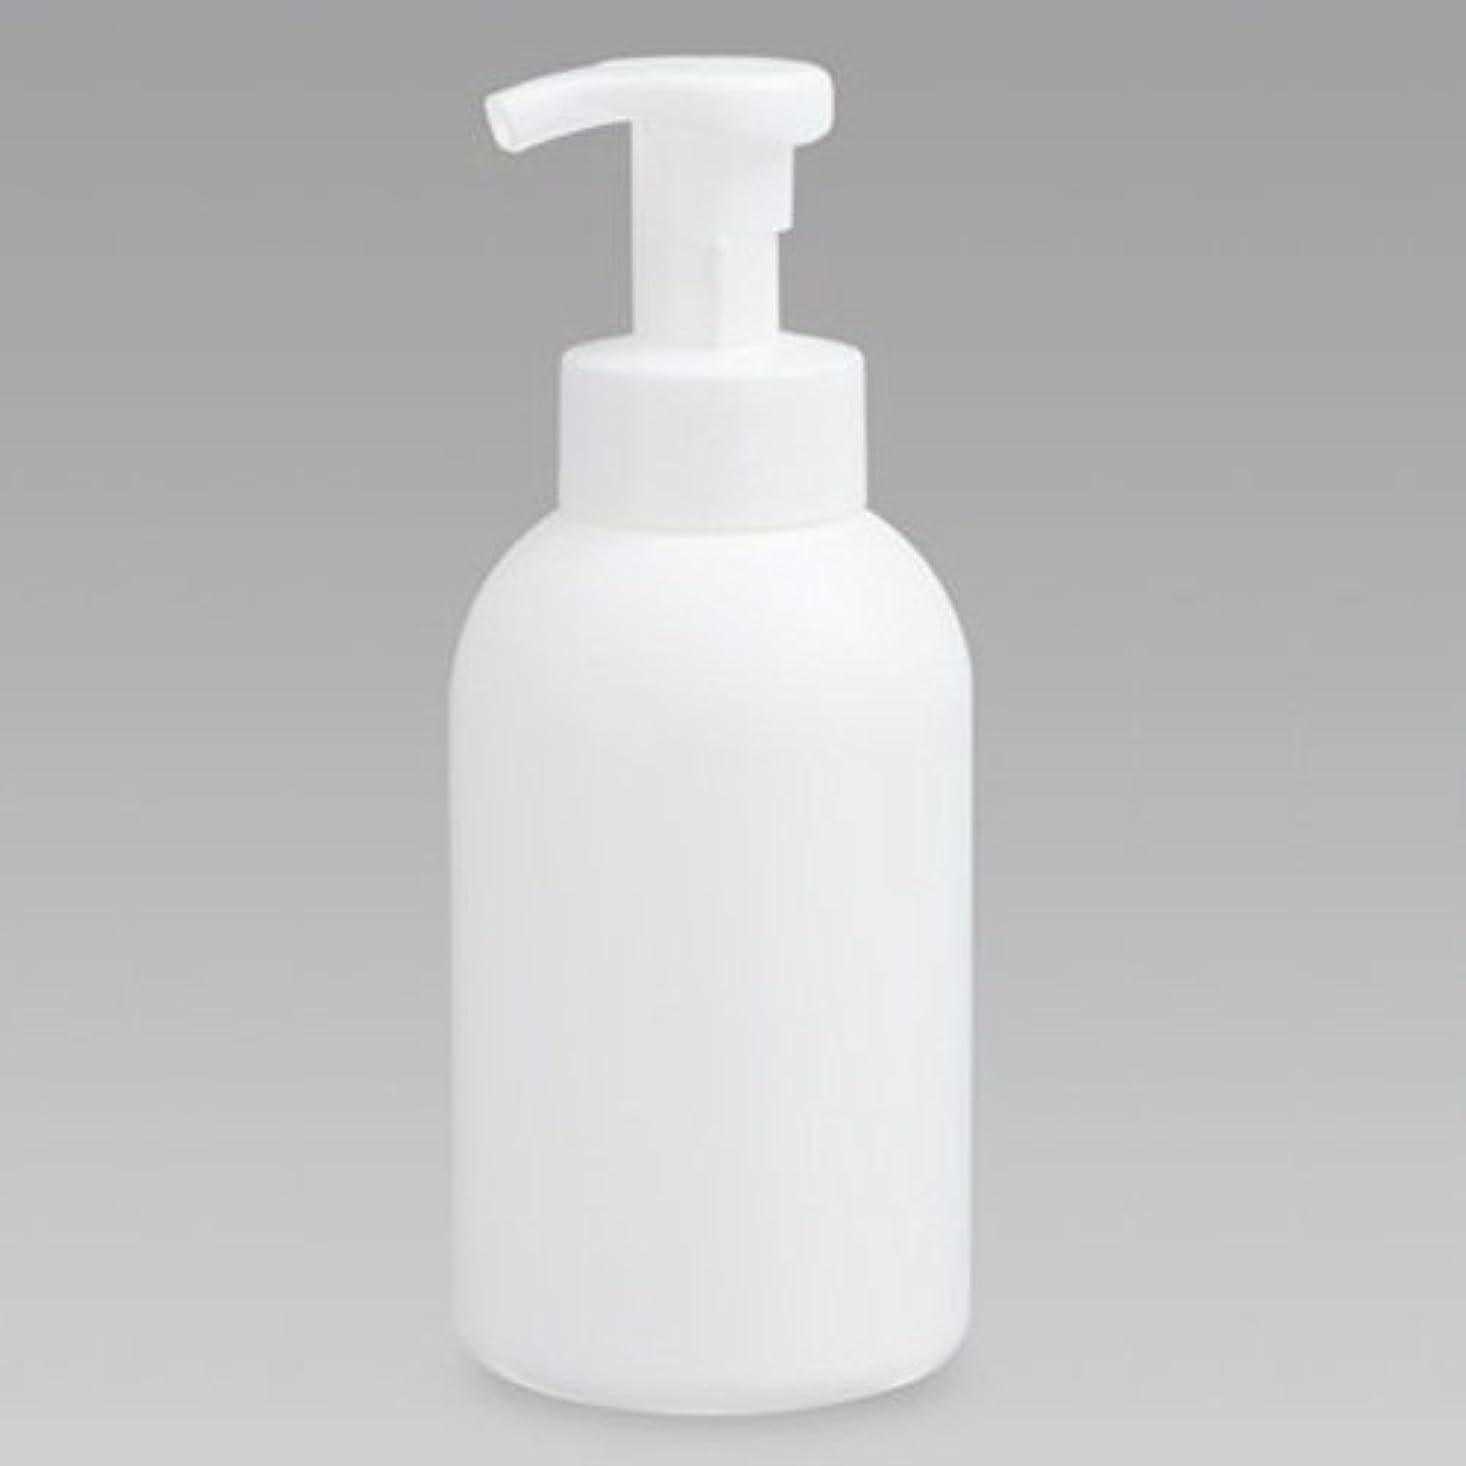 珍しい苛性コントラスト泡ボトル 泡ポンプボトル 500mL(PE) ホワイト 詰め替え 詰替 泡ハンドソープ 全身石鹸 ボディソープ 洗顔フォーム